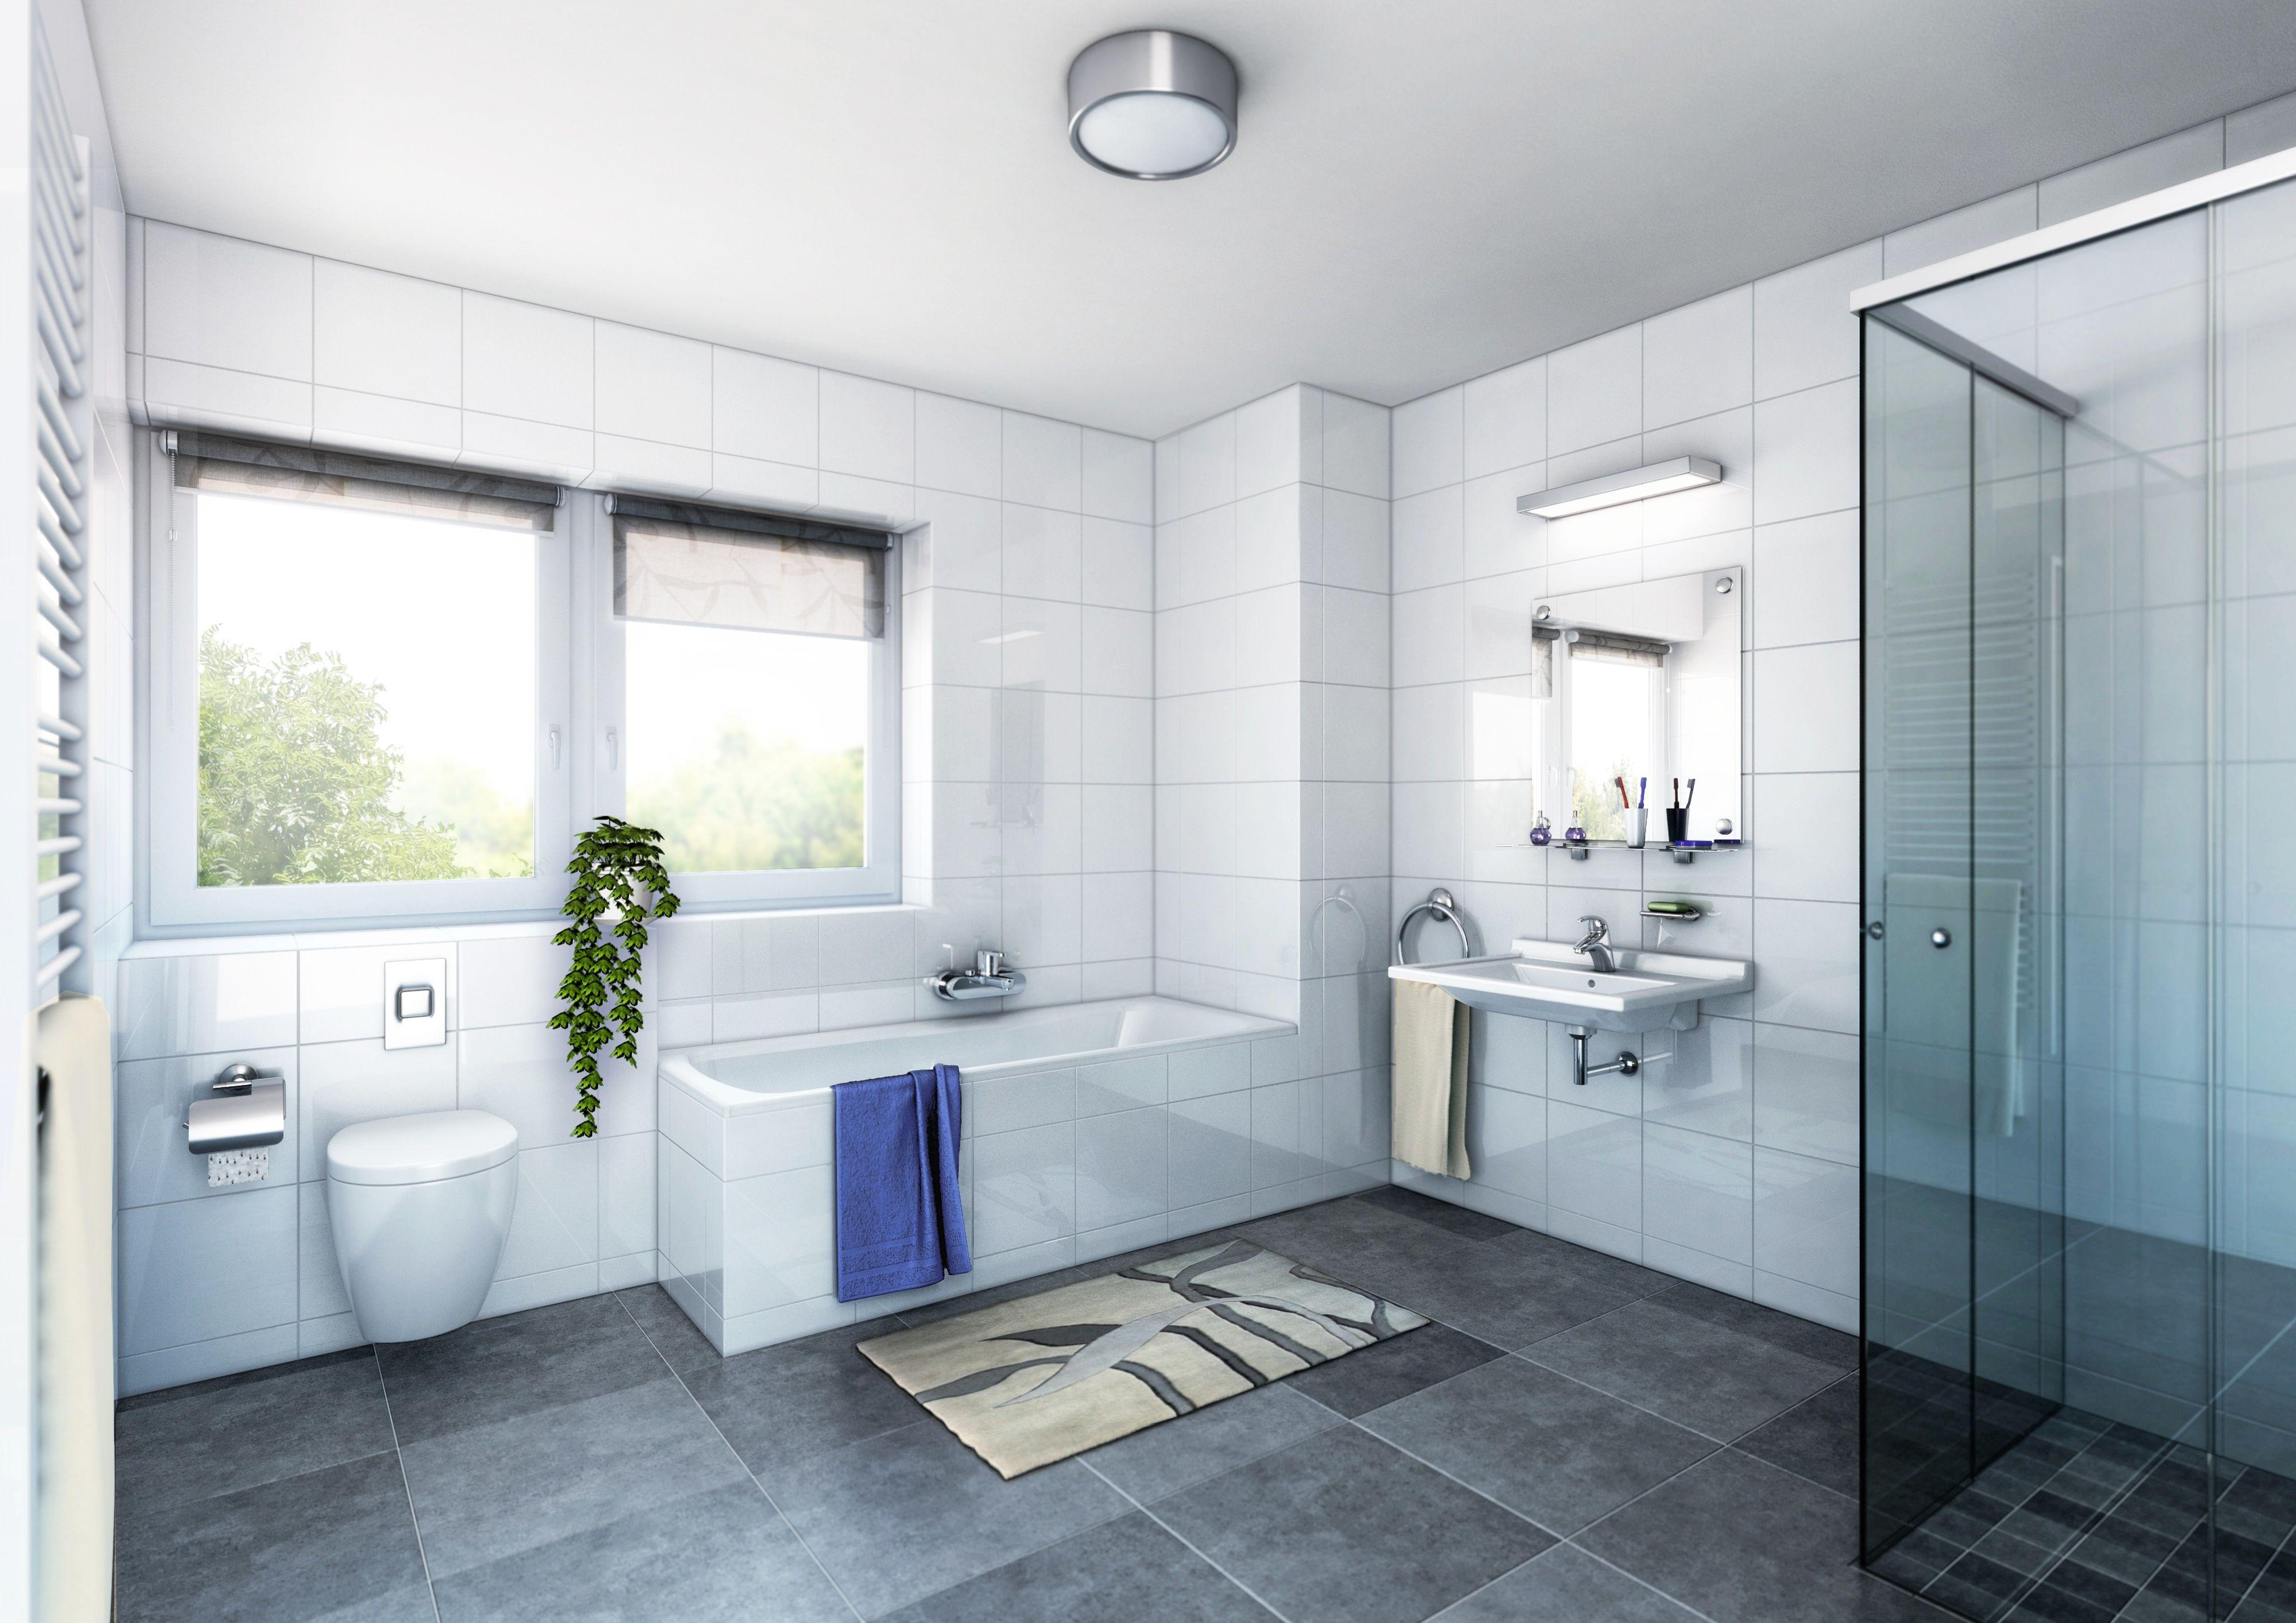 Wohnzimmer Karlsruhe ~ Visualisierung wohnzimmer visualisierung innenraum pinterest